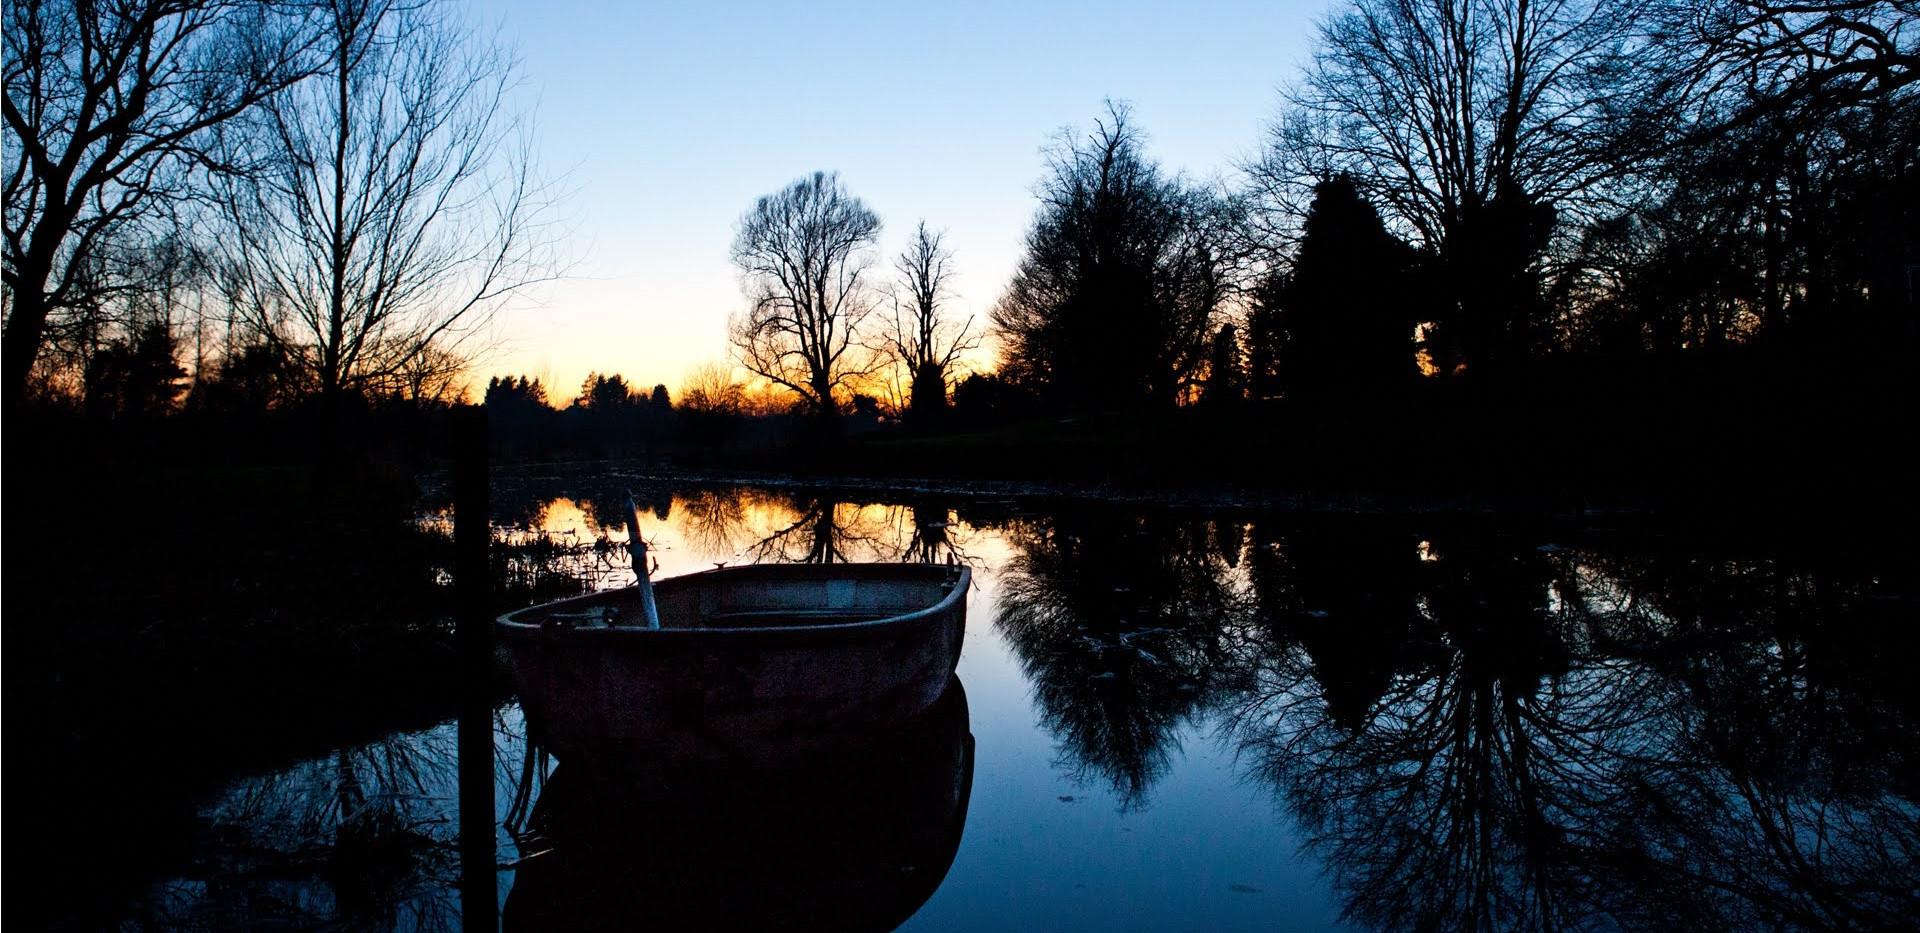 boat on water night v02.jpg